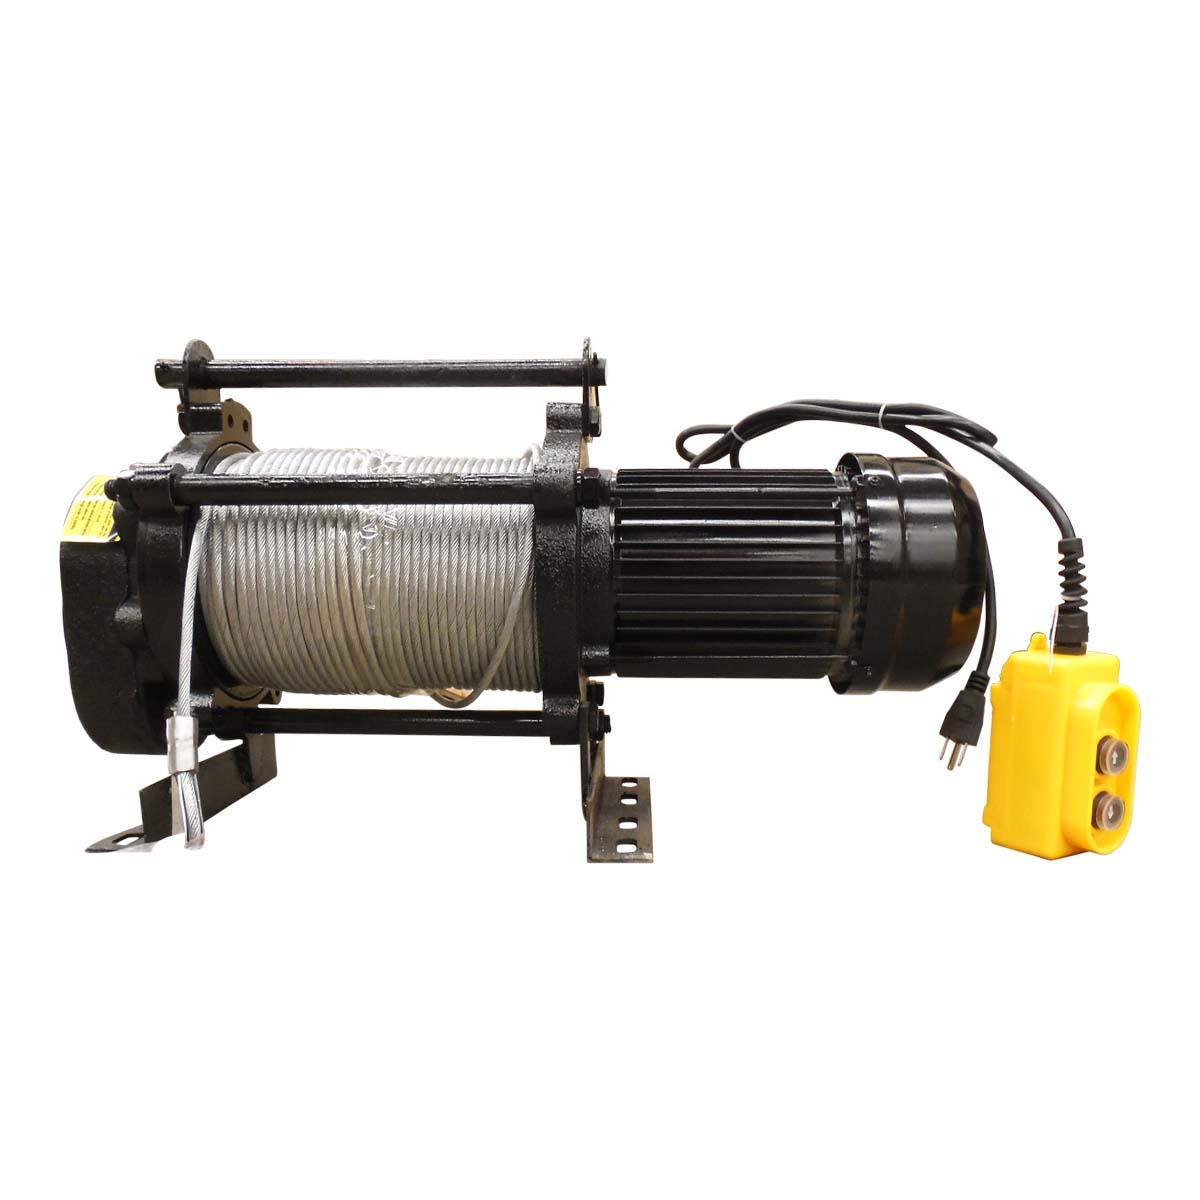 Polipasto Electrico 500-1000kg Cable 100m 220v Construccion